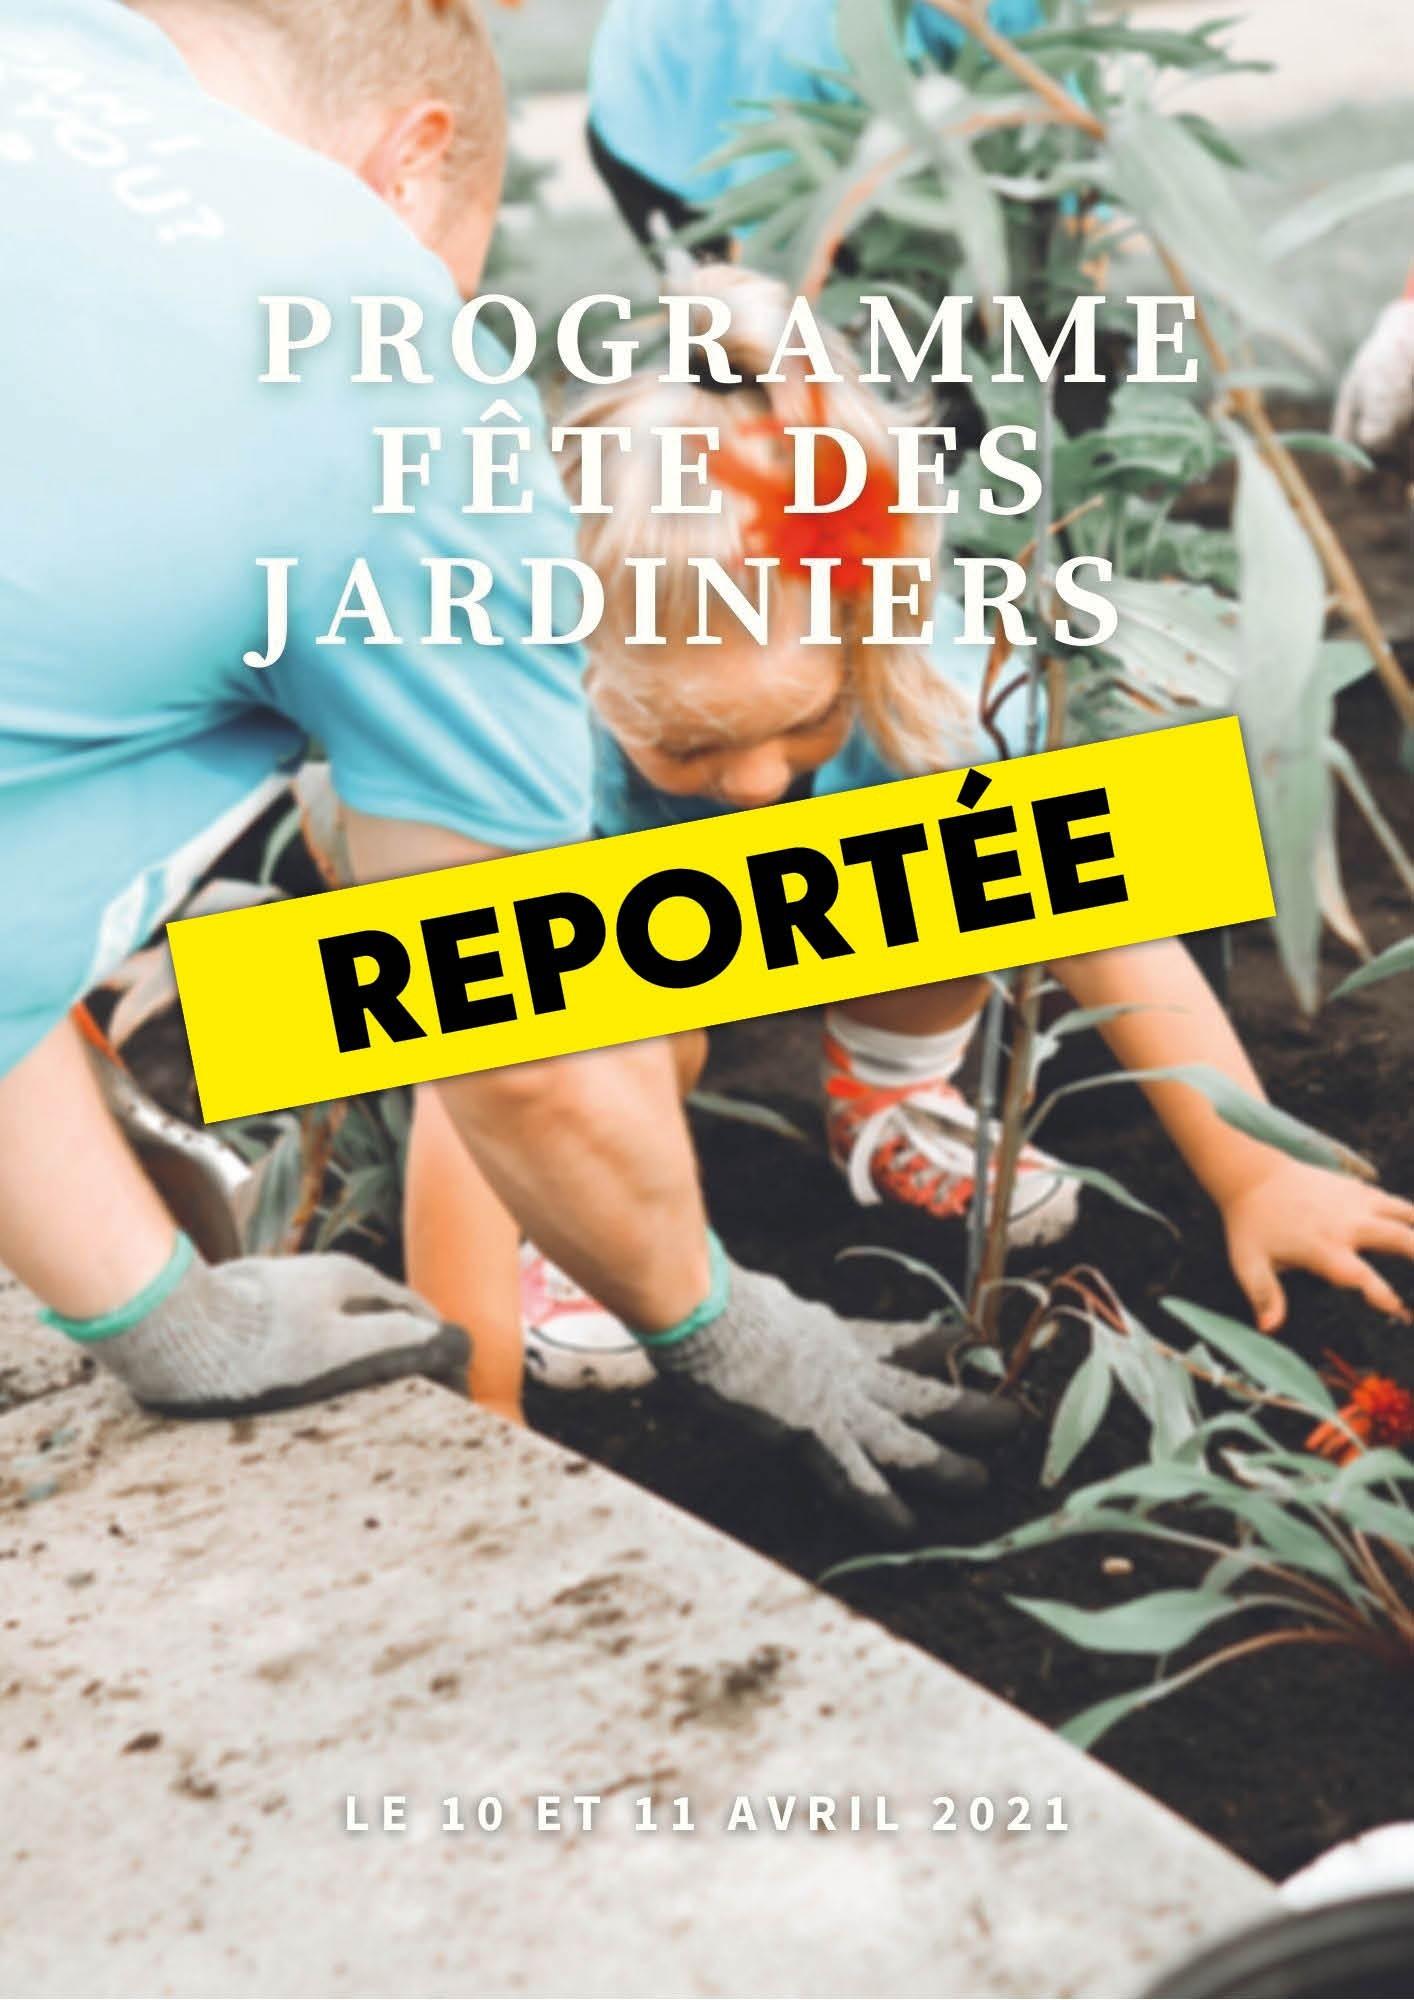 La Fête des Jardiniers - 10 et 11 avril 2021 à Magasin Vert